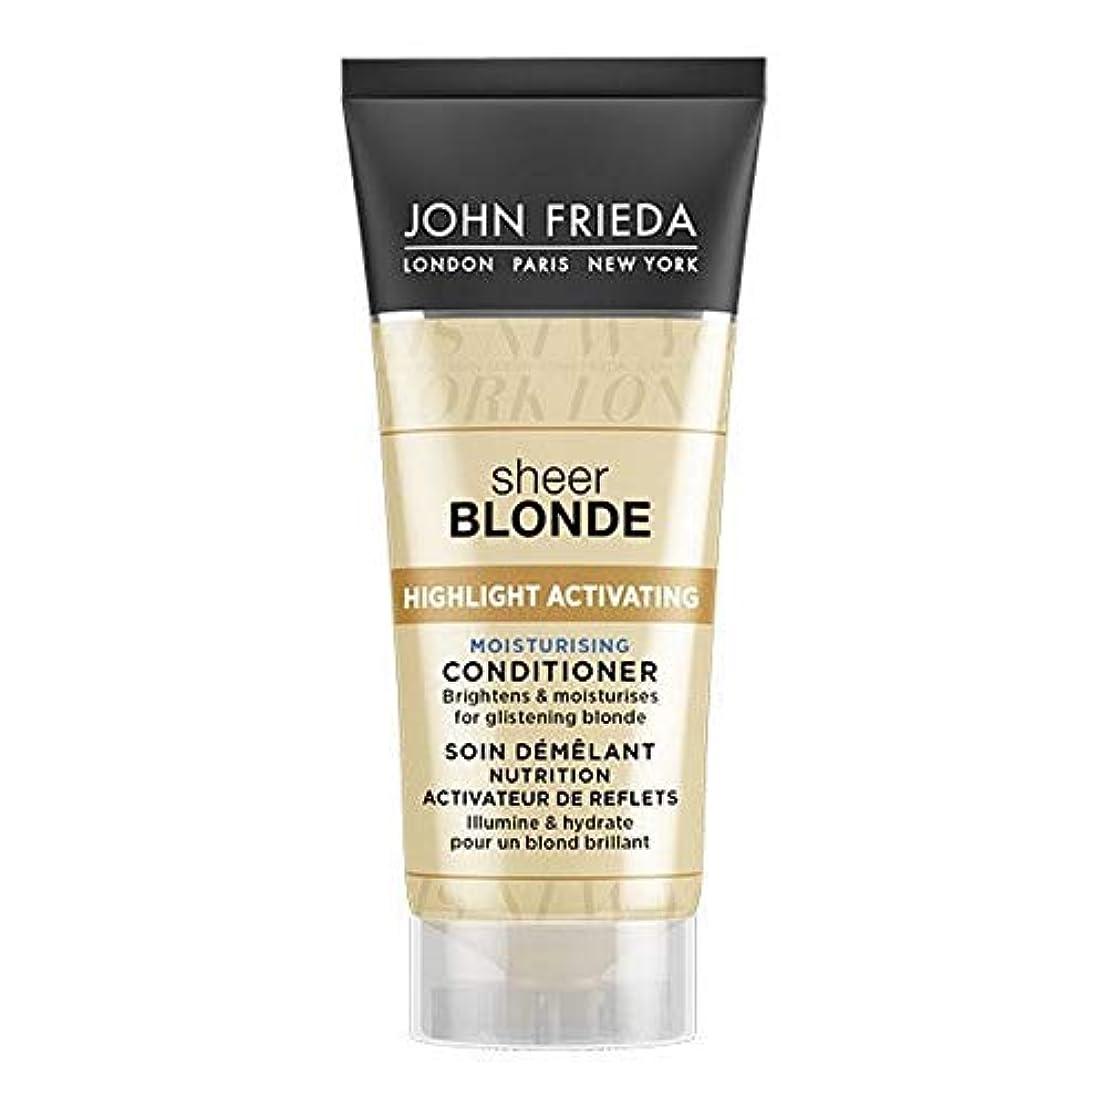 終了しました大事にする信仰[John Frieda ] ジョン?フリーダ膨大なブロンド保湿コンディショナー50ミリリットル - John Frieda Sheer Blonde Moisturising Conditioner 50ml [並行輸入品]